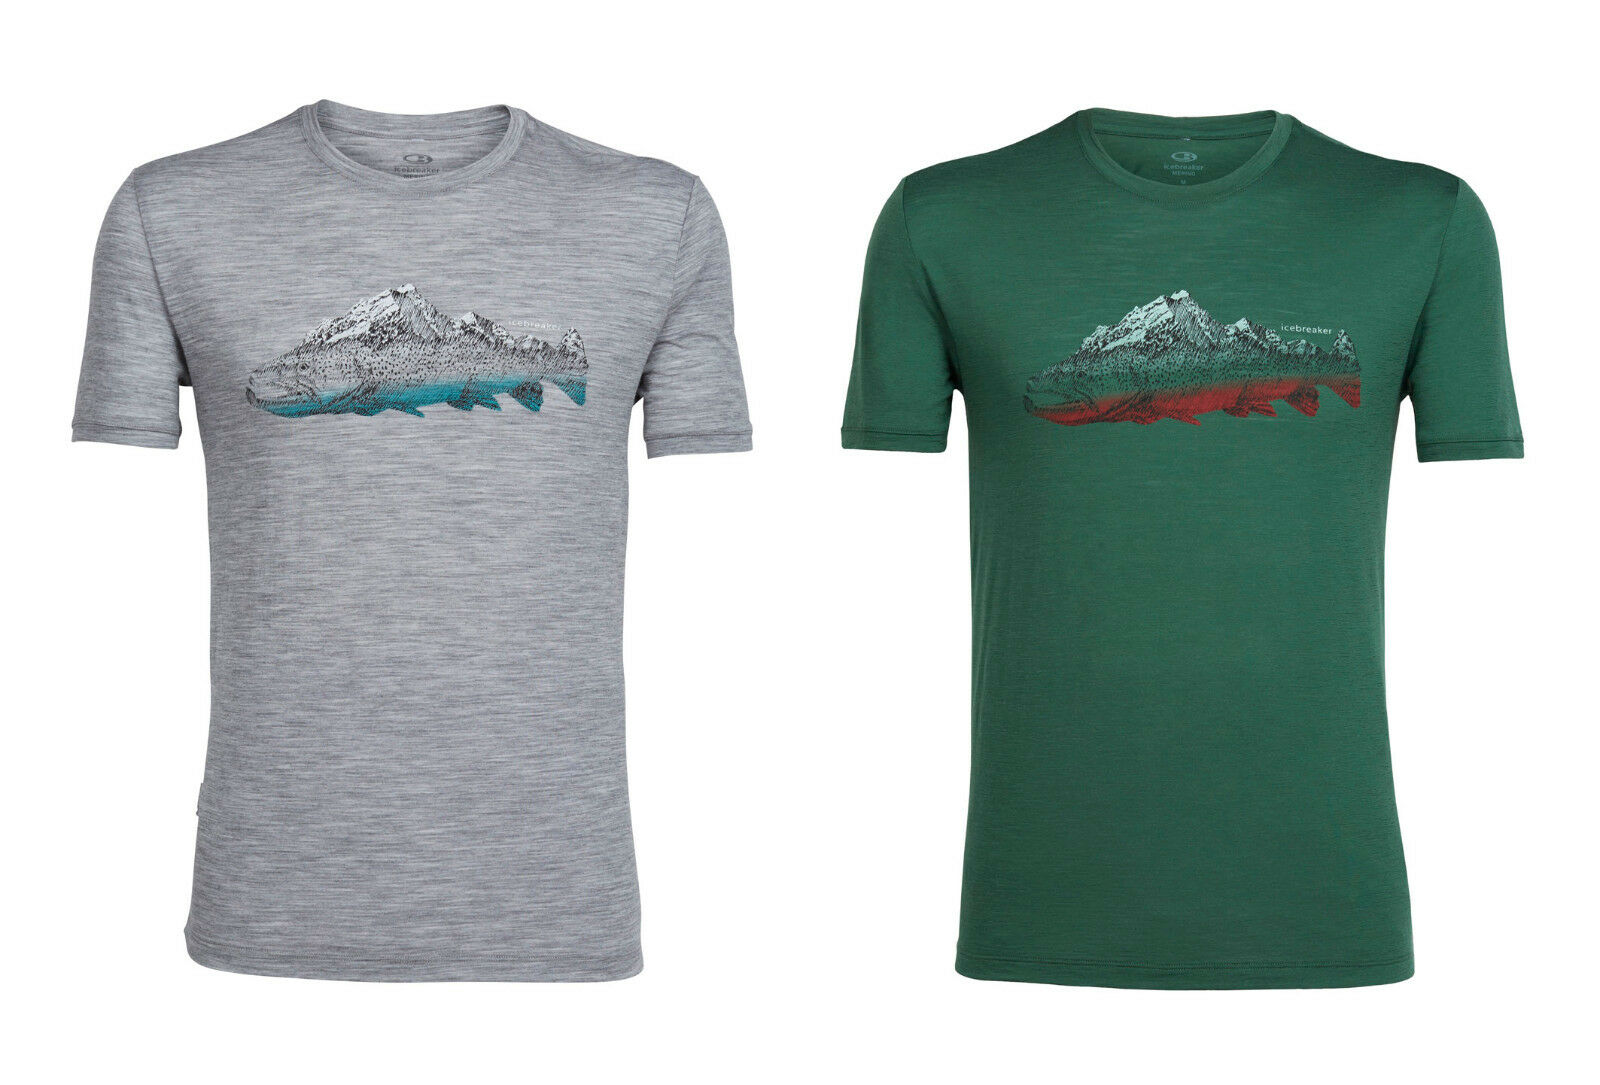 ICEBREAKER - Tech Lite Short Sleeve Crewe Fin Peaks Peaks Peaks - 150g/m² - Herrenshirt 940f83